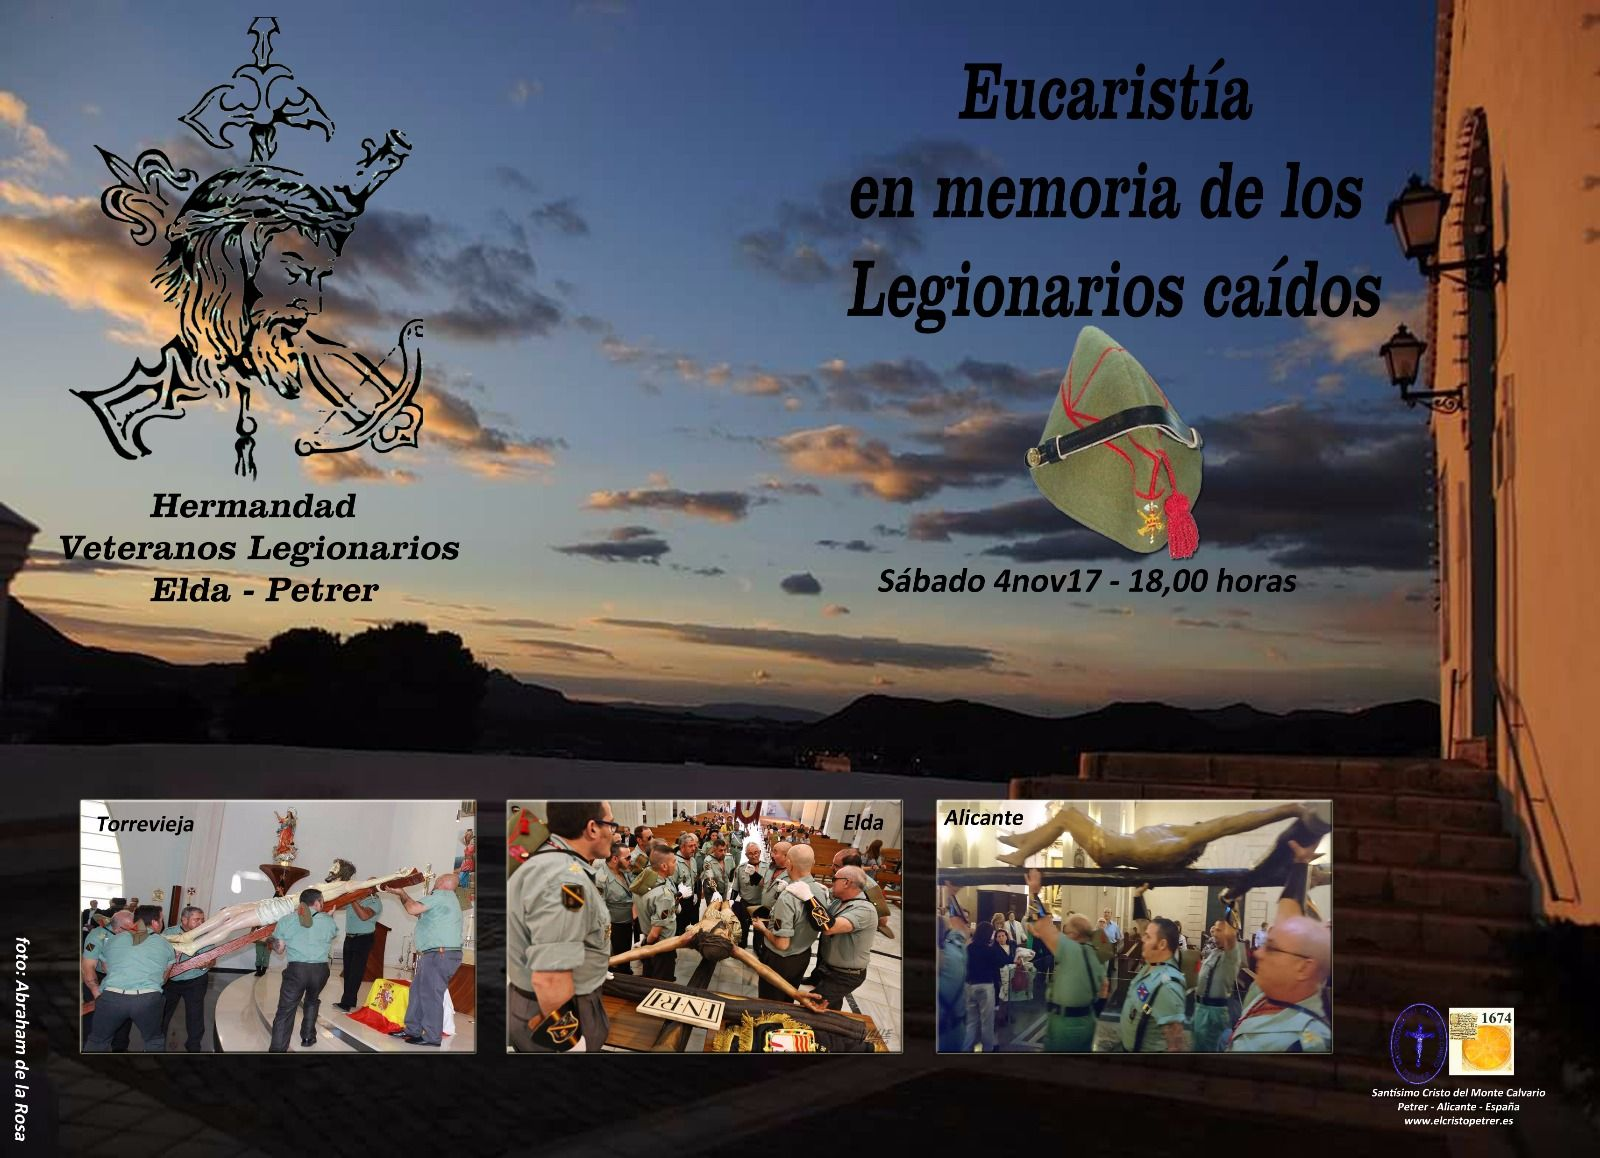 Eucaristía Legionaria